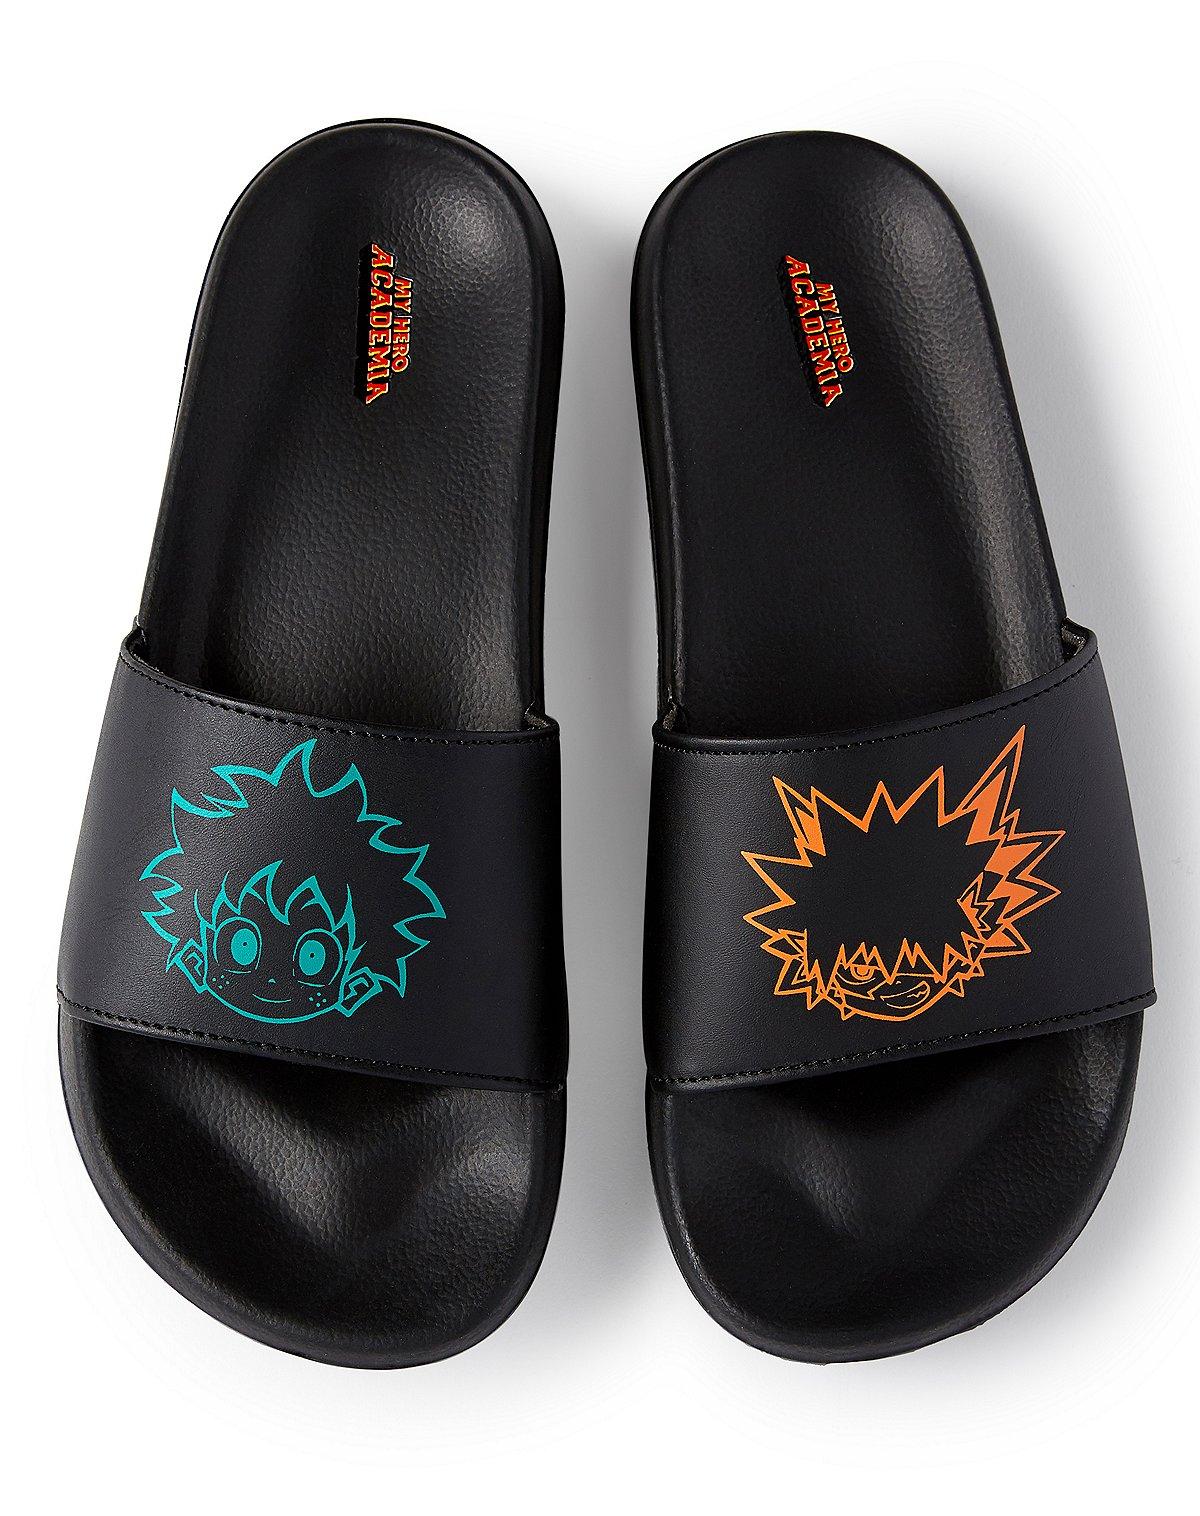 Deku and Bakugo Slides